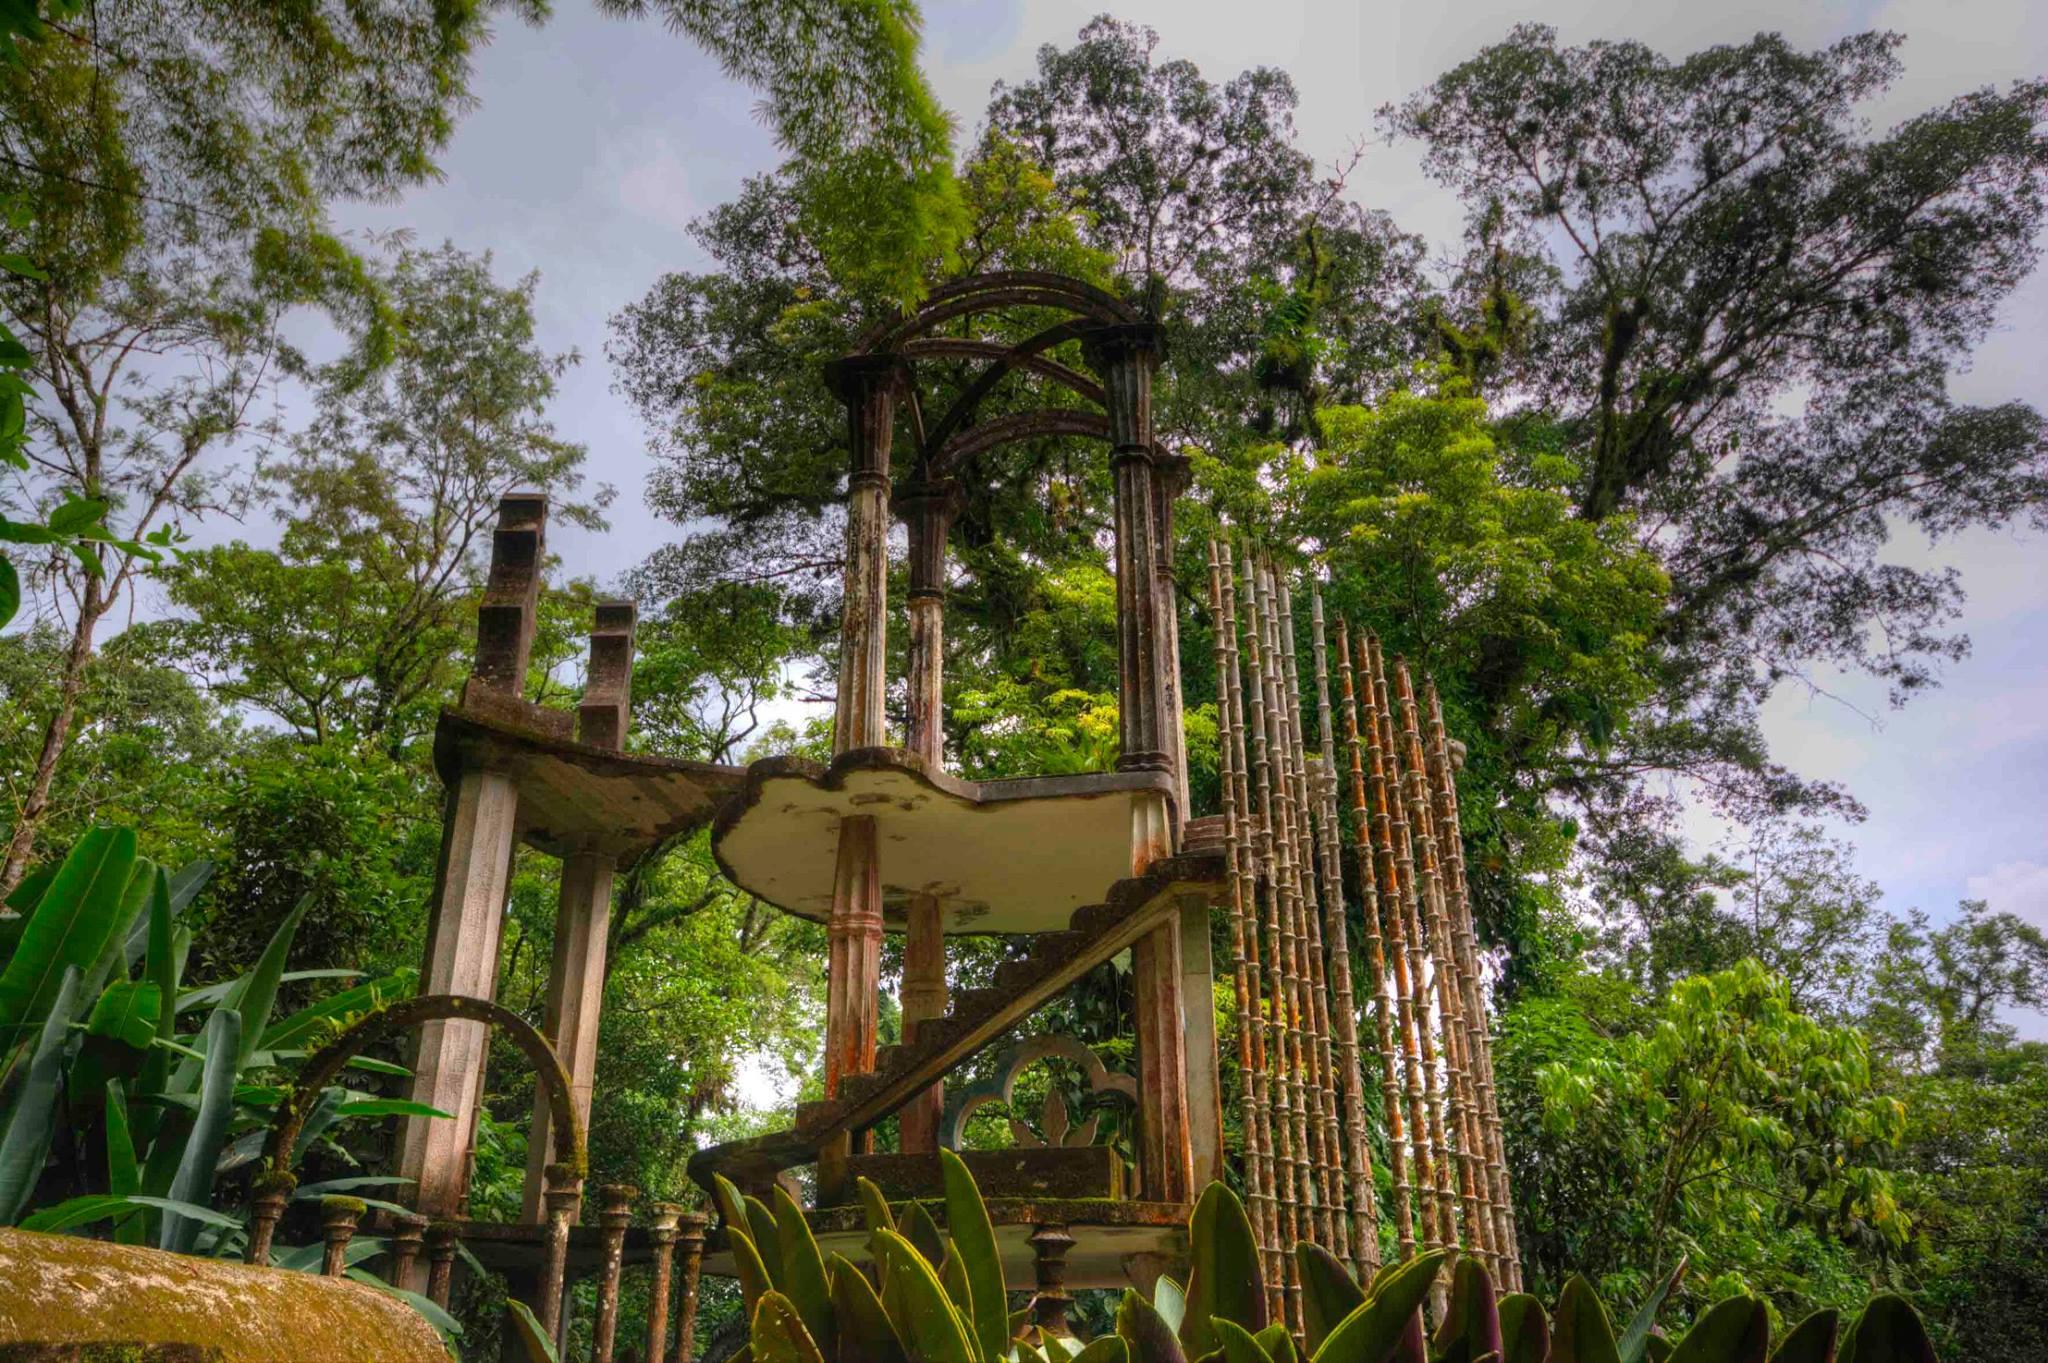 Η Huasteca Potosina είναι ιδιοκτήτρια του σουρεαλιστικού κήπου του Edward James